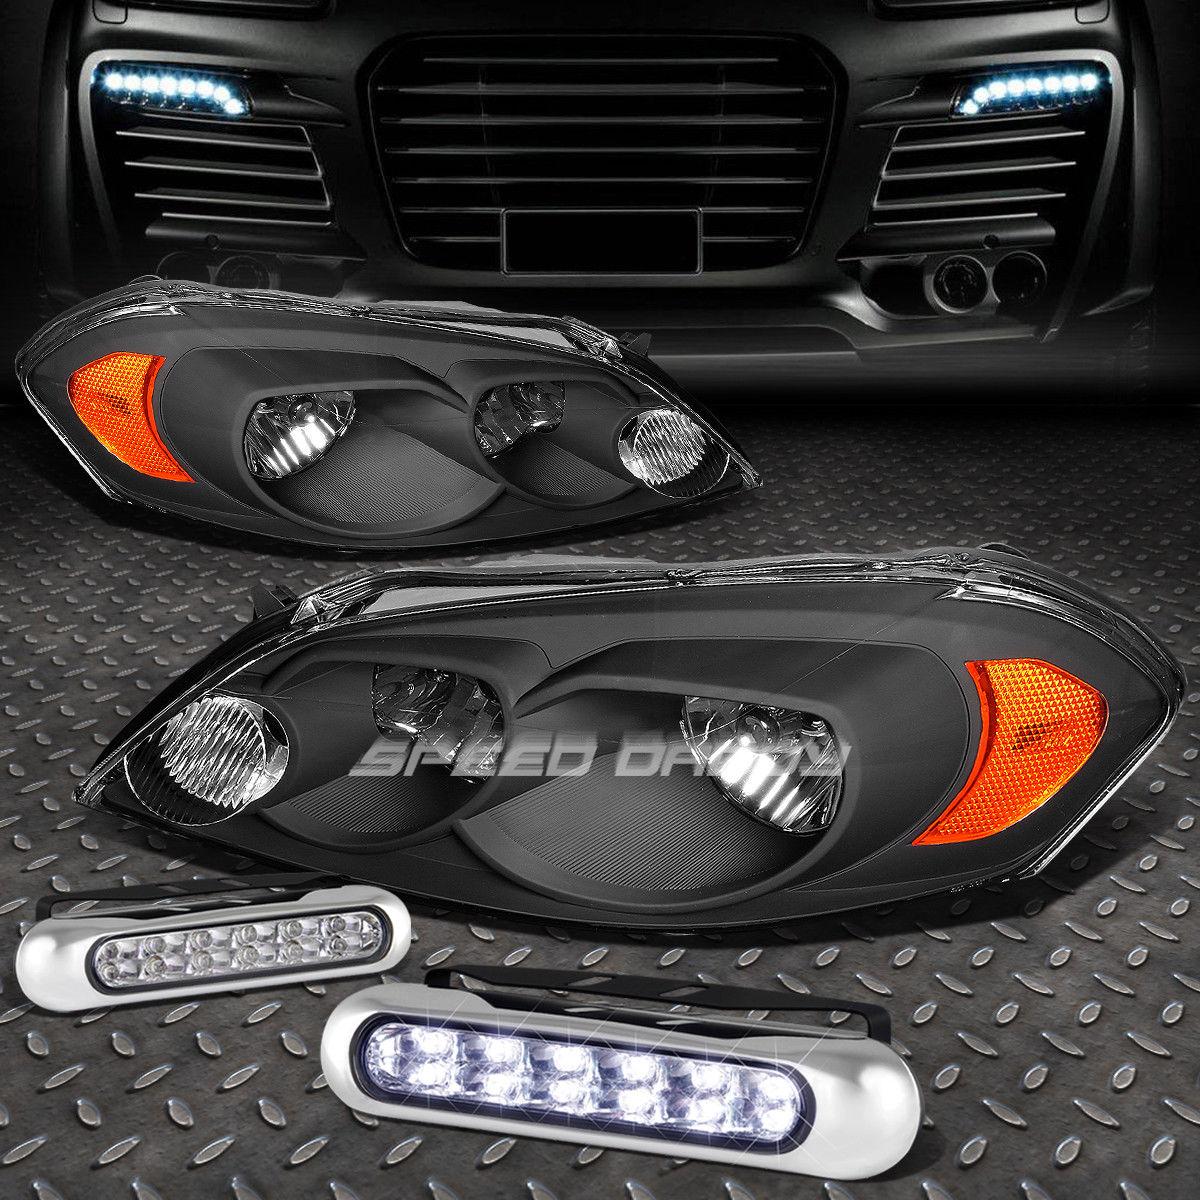 車用品・バイク用品 >> 車用品 >> パーツ >> ライト・ランプ >> その他 フォグライト BLACK HOUSING AMBER CORNER HEADLIGHT+12 LED GRILL FOG LIGHT FOR 06-16 IMPALA ブラックハウジングのアンバーコーナーヘッドライト+ 06-16インパラのための12個のLEDグリルフォグライト